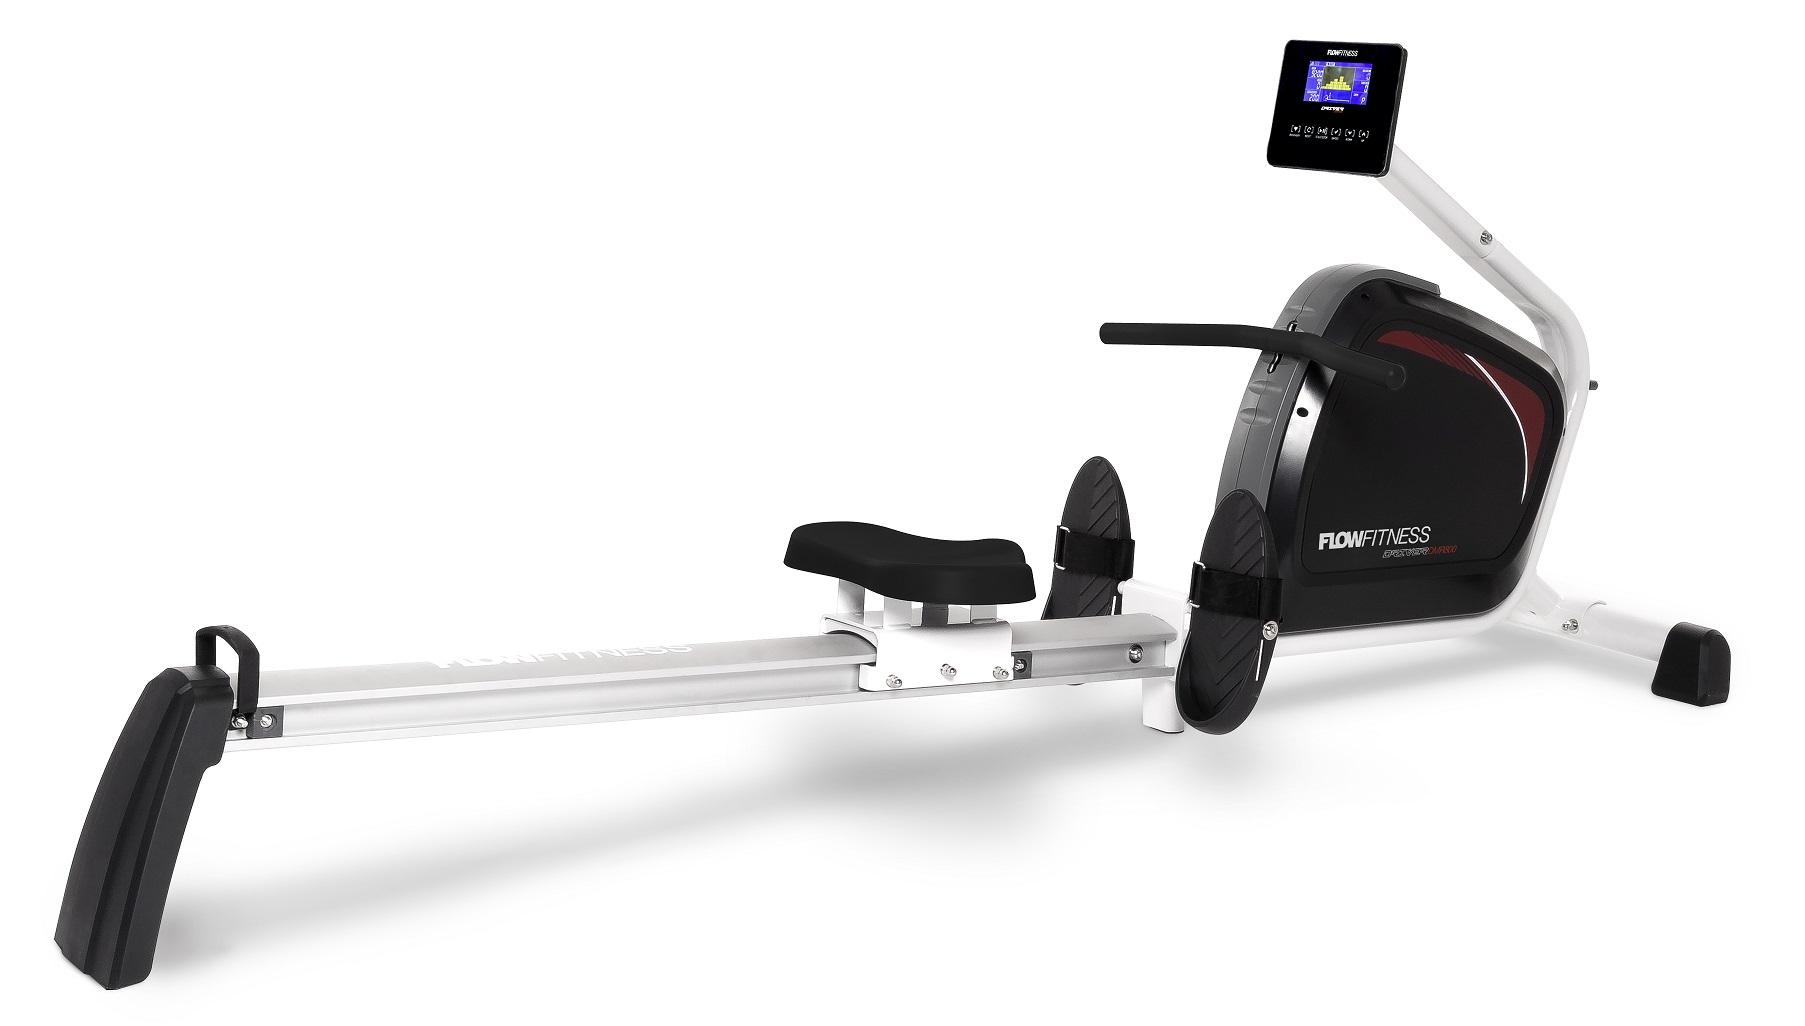 Veslovací trenažér FLOW Fitness DMR800 + zajištění servisu u Vás doma a rozšířená záruka 120 měsíců